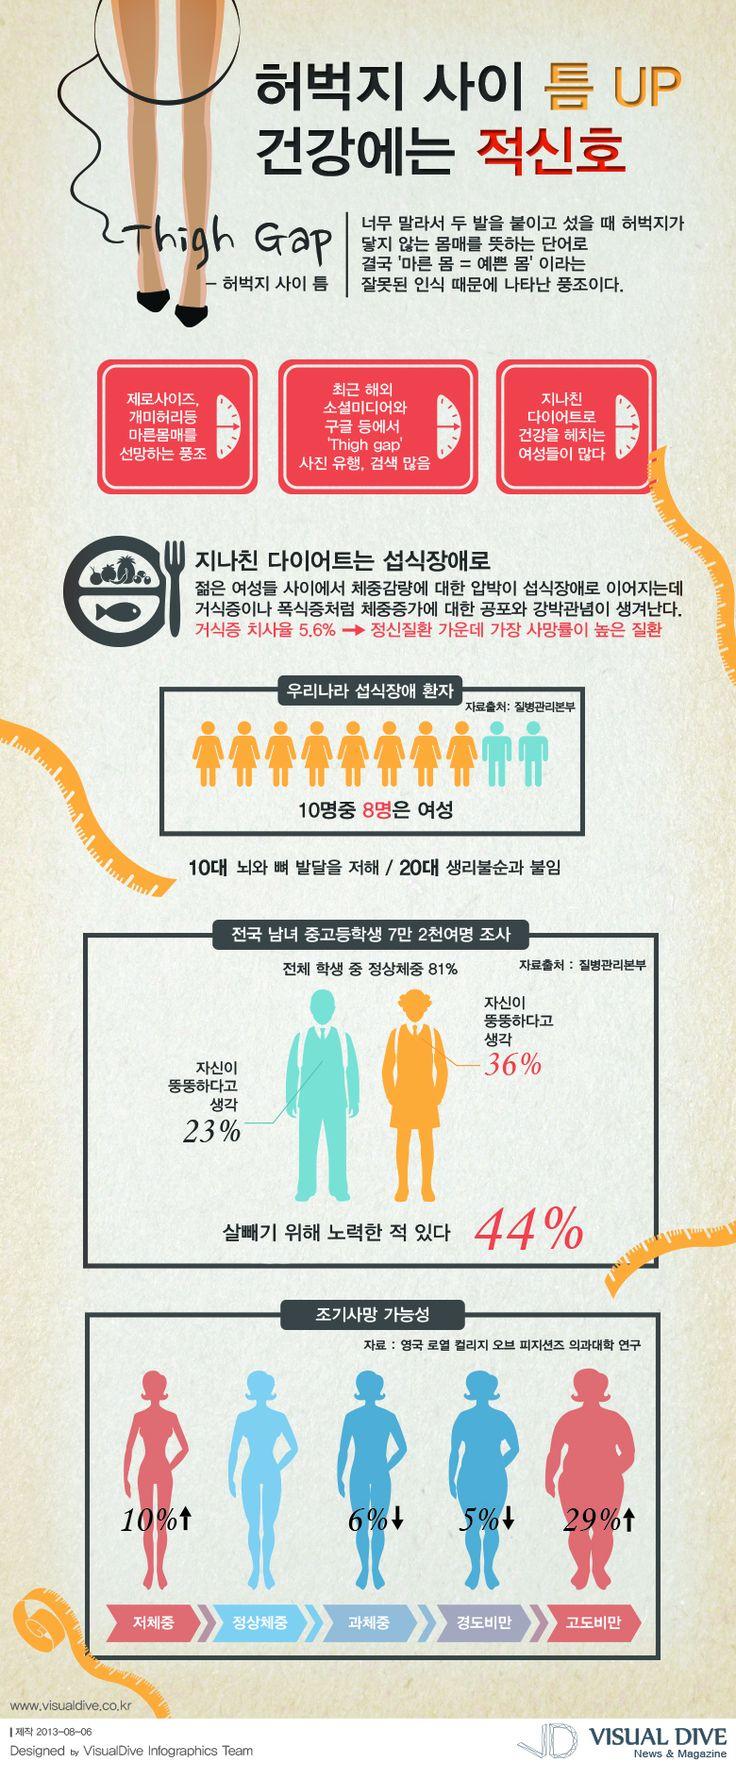 [Infographic] 허벅지 굵기와 건강에 관한 인포그래픽